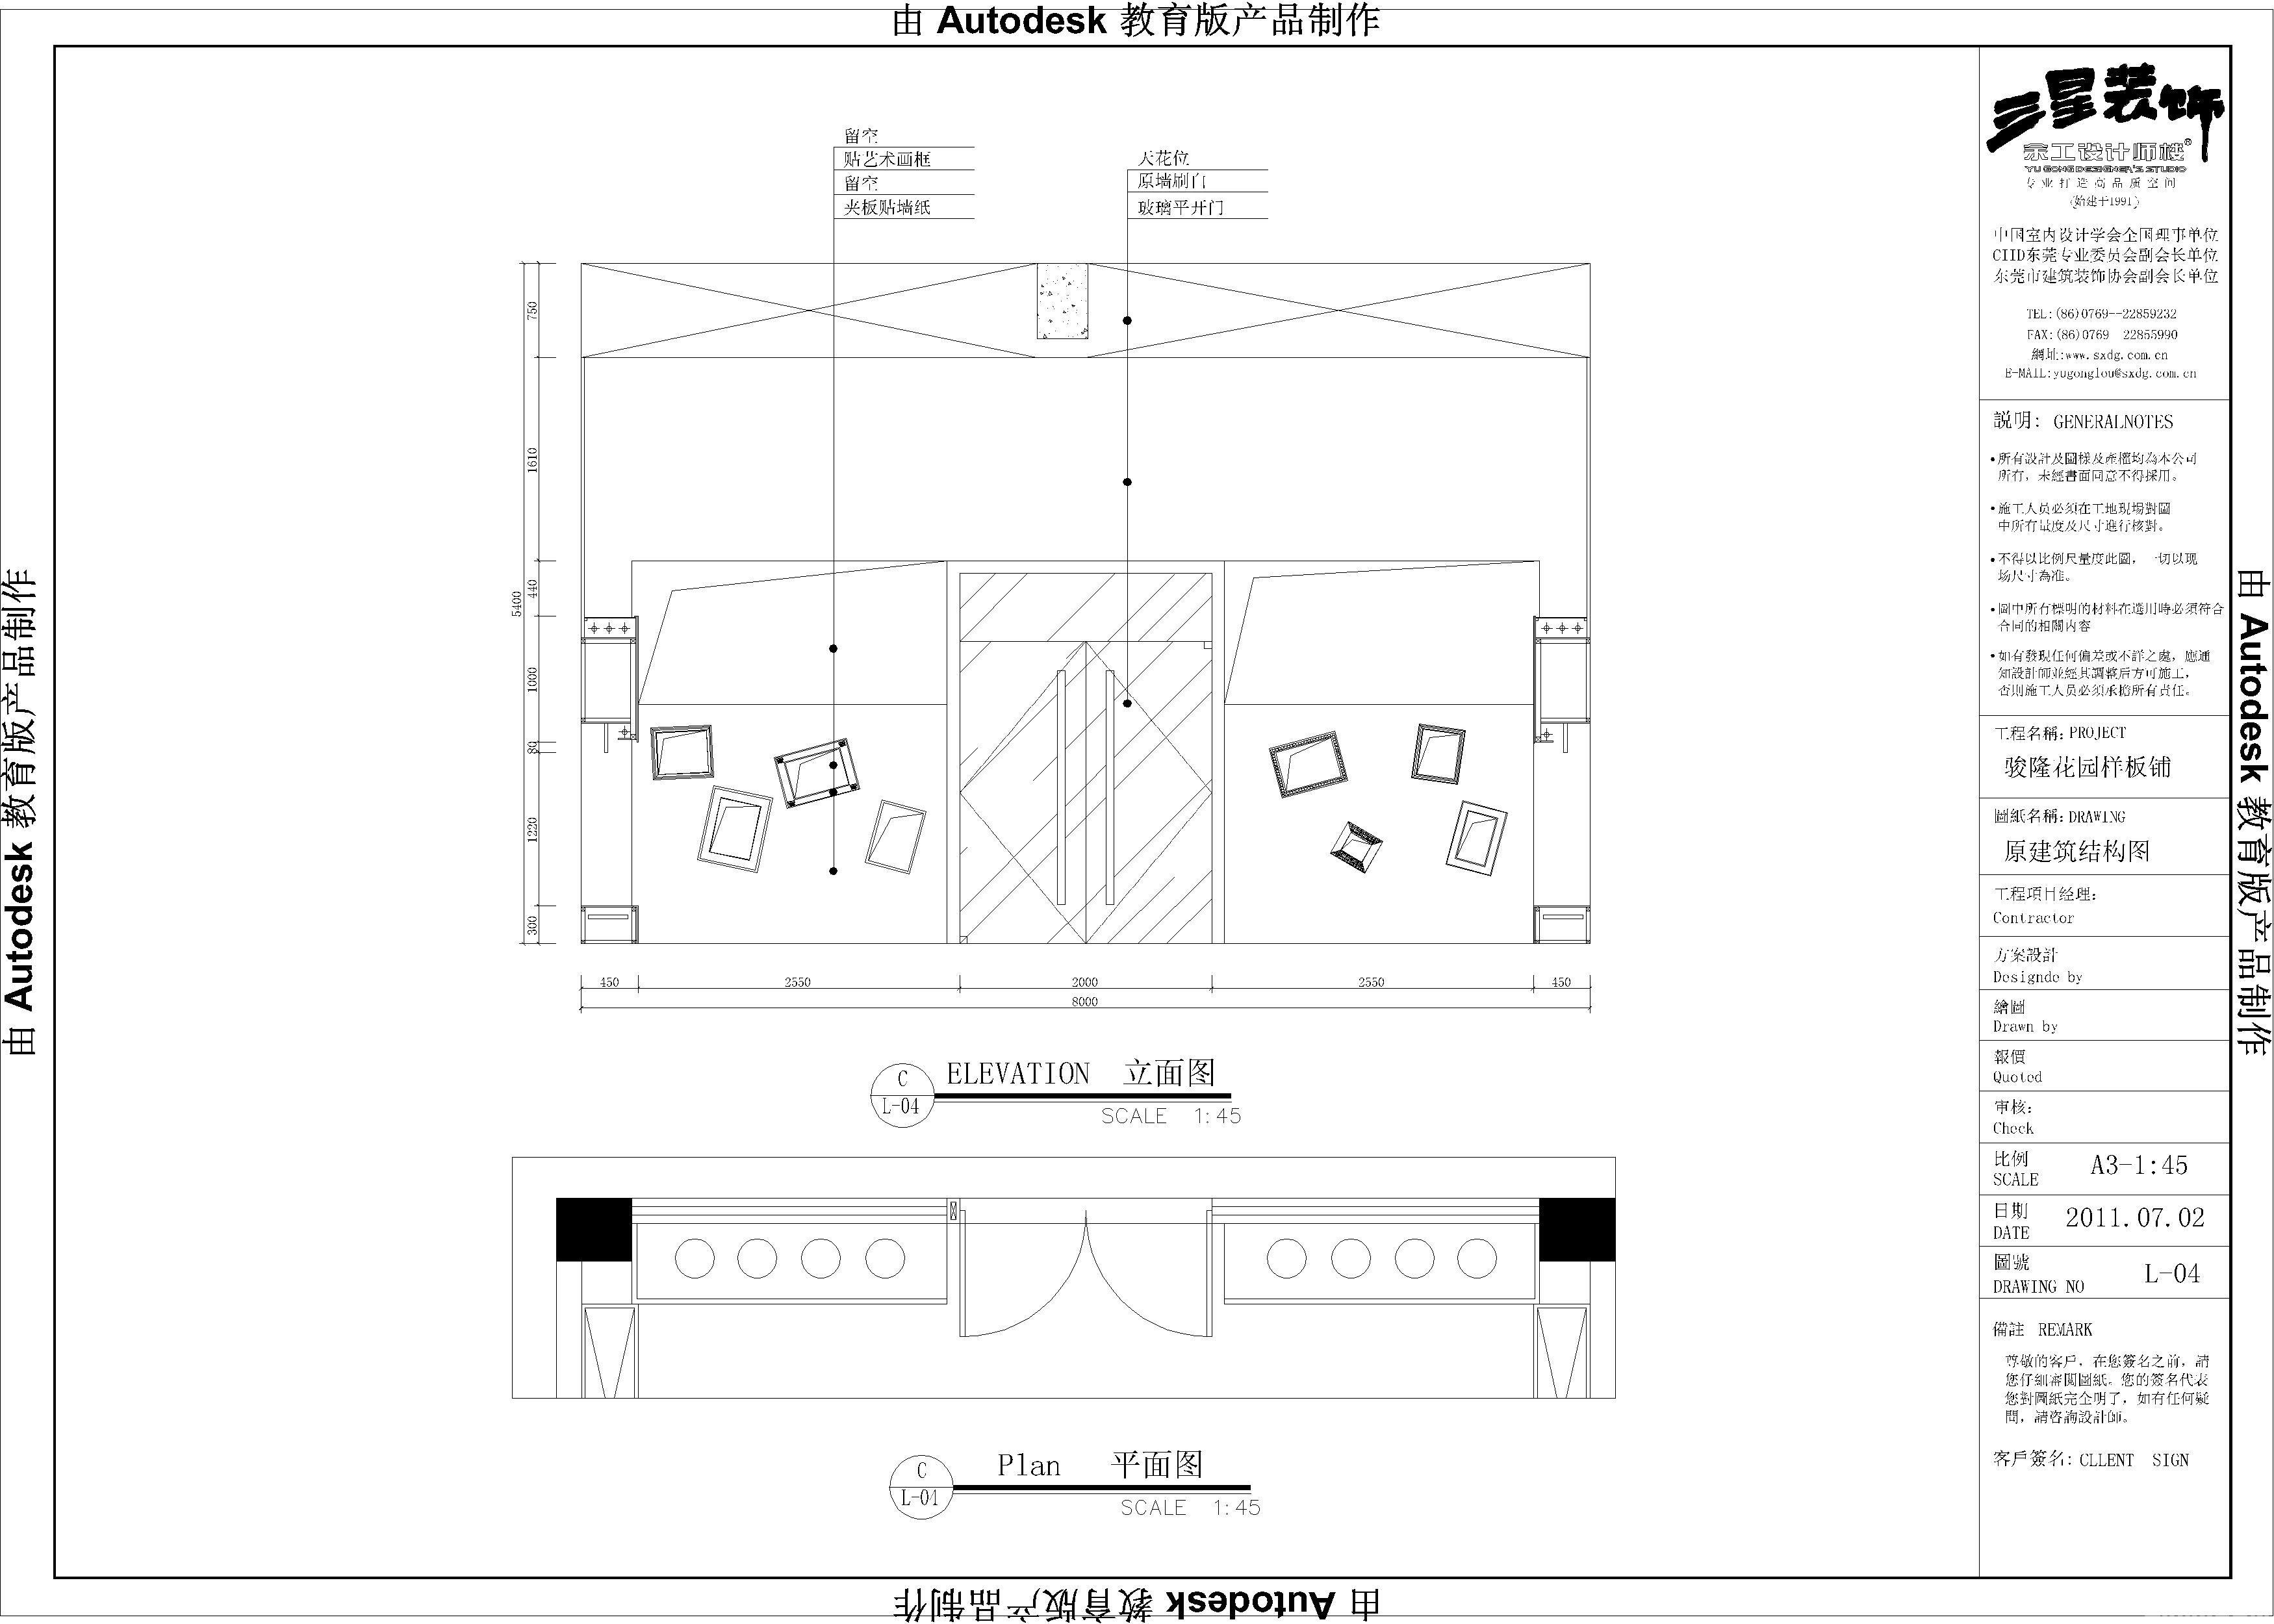 东莞市君悦天城样板铺 - 商业空间 - 东莞室内设计网